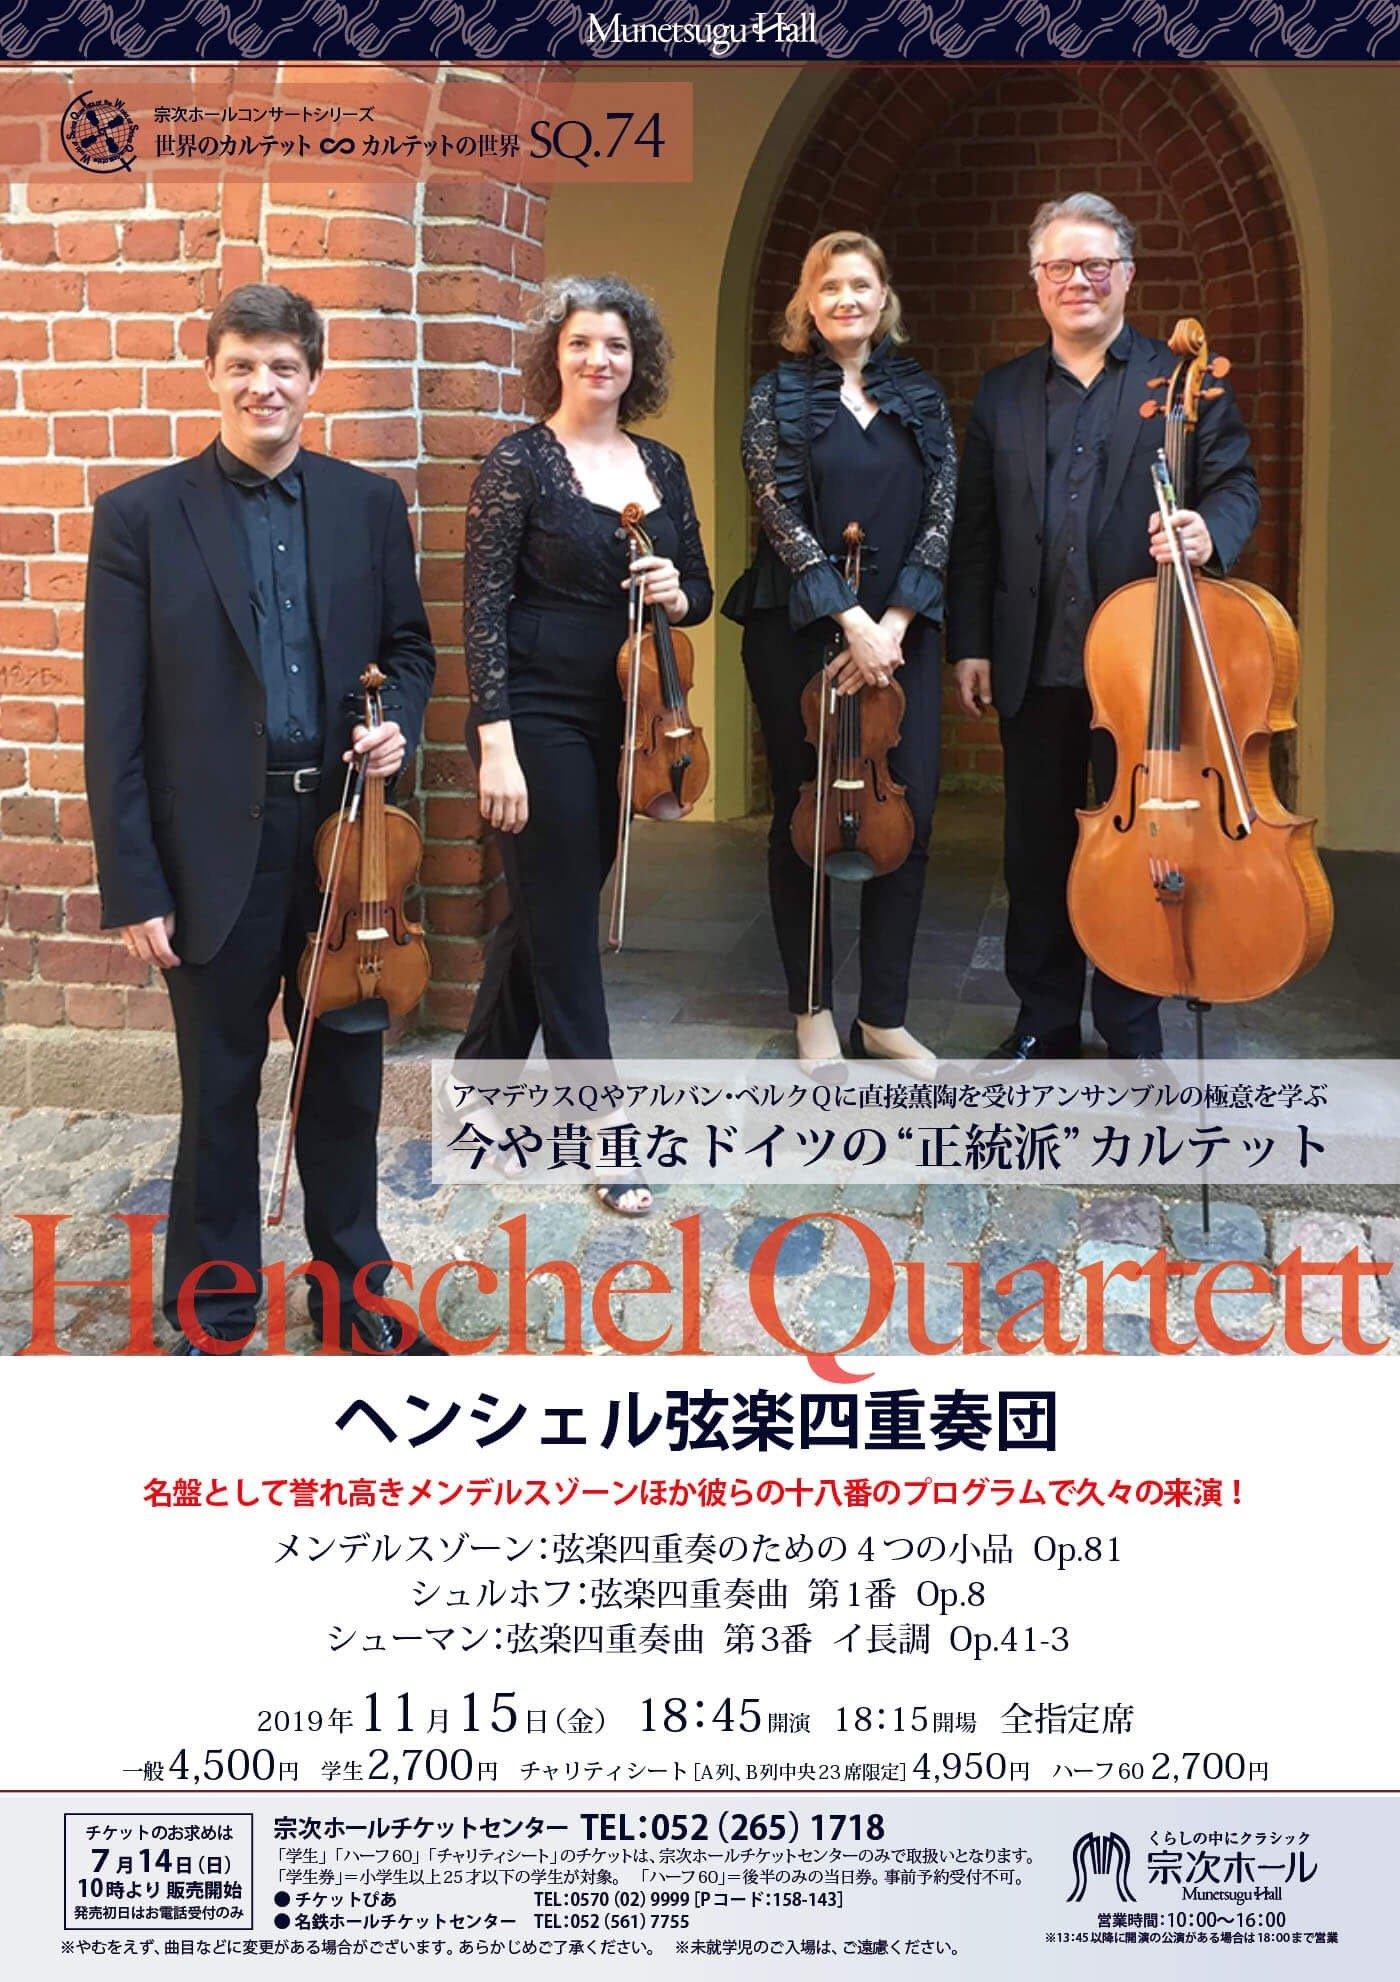 ヘンシェル弦楽四重奏団 | 一般公演 | 公演一覧 | 宗次ホール